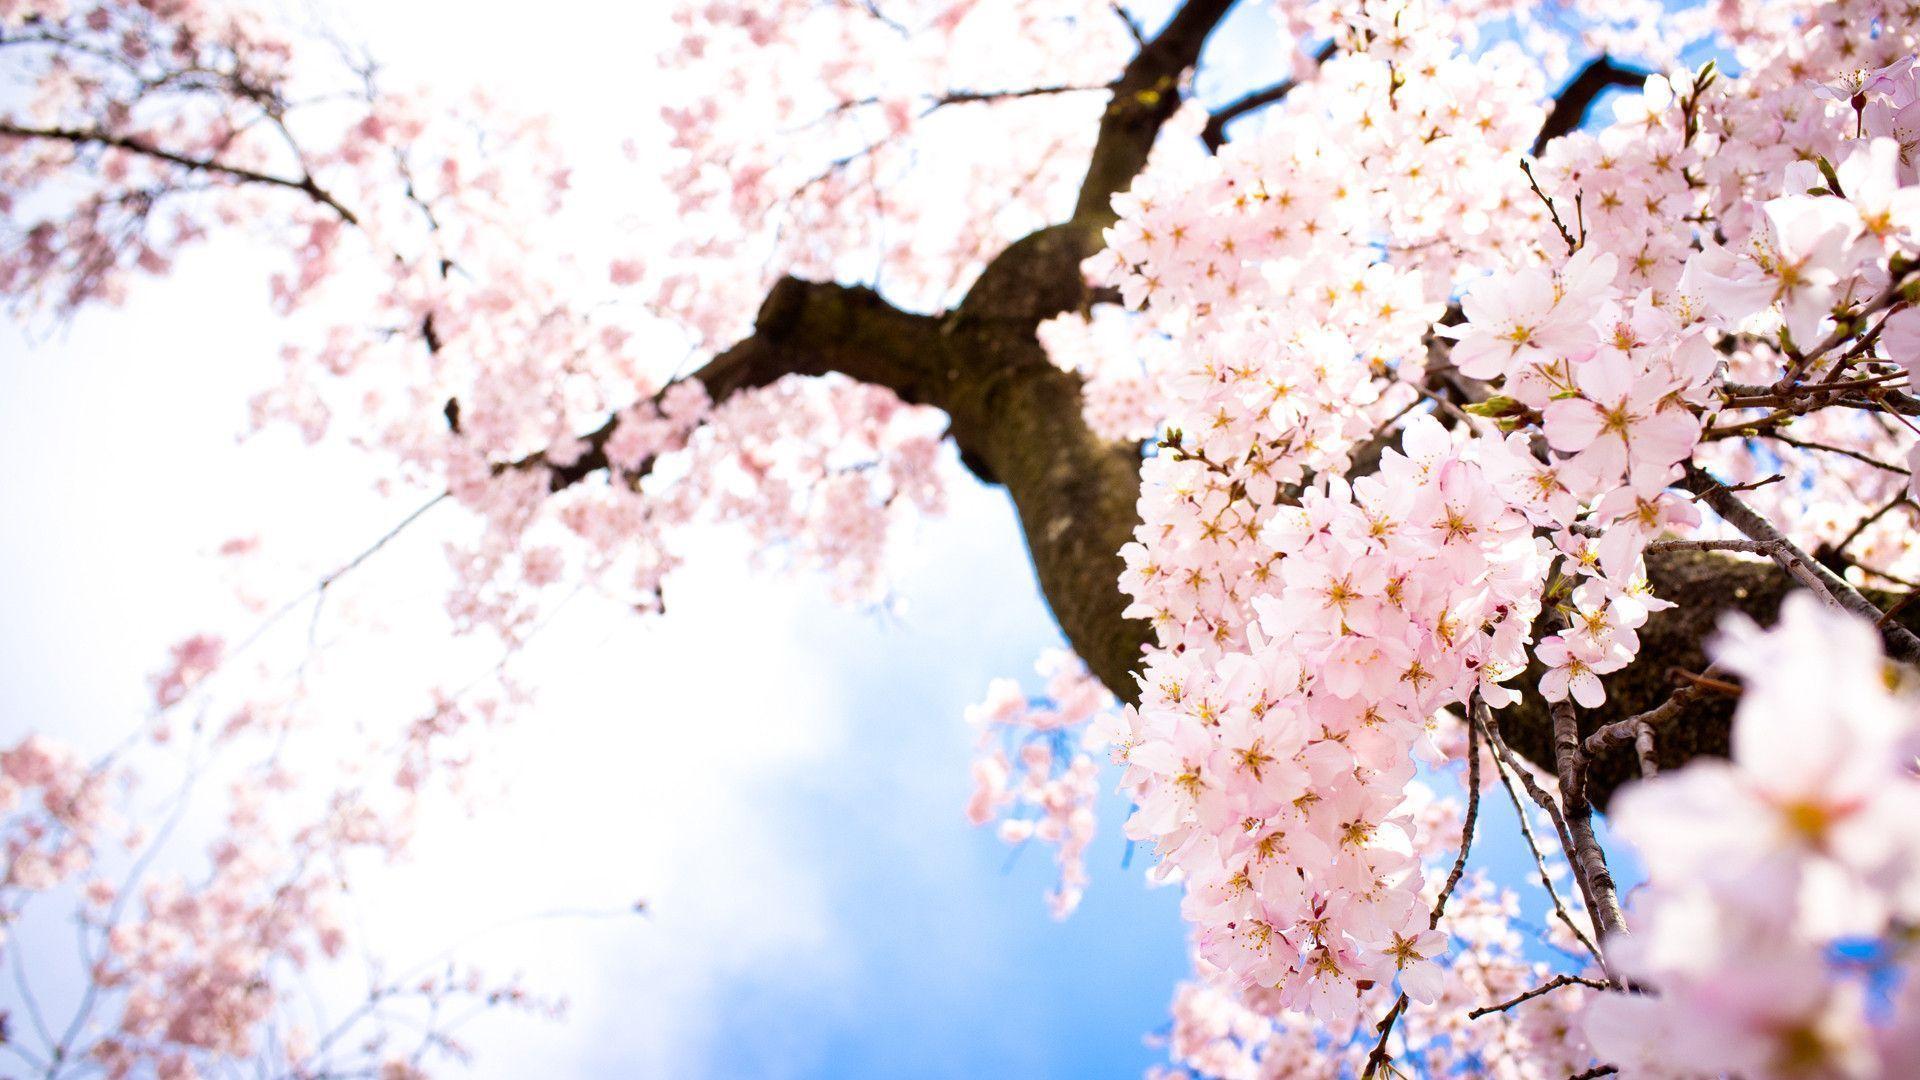 Hình ảnh hoa Anh Đào cực đẹp ở Nhật Bản